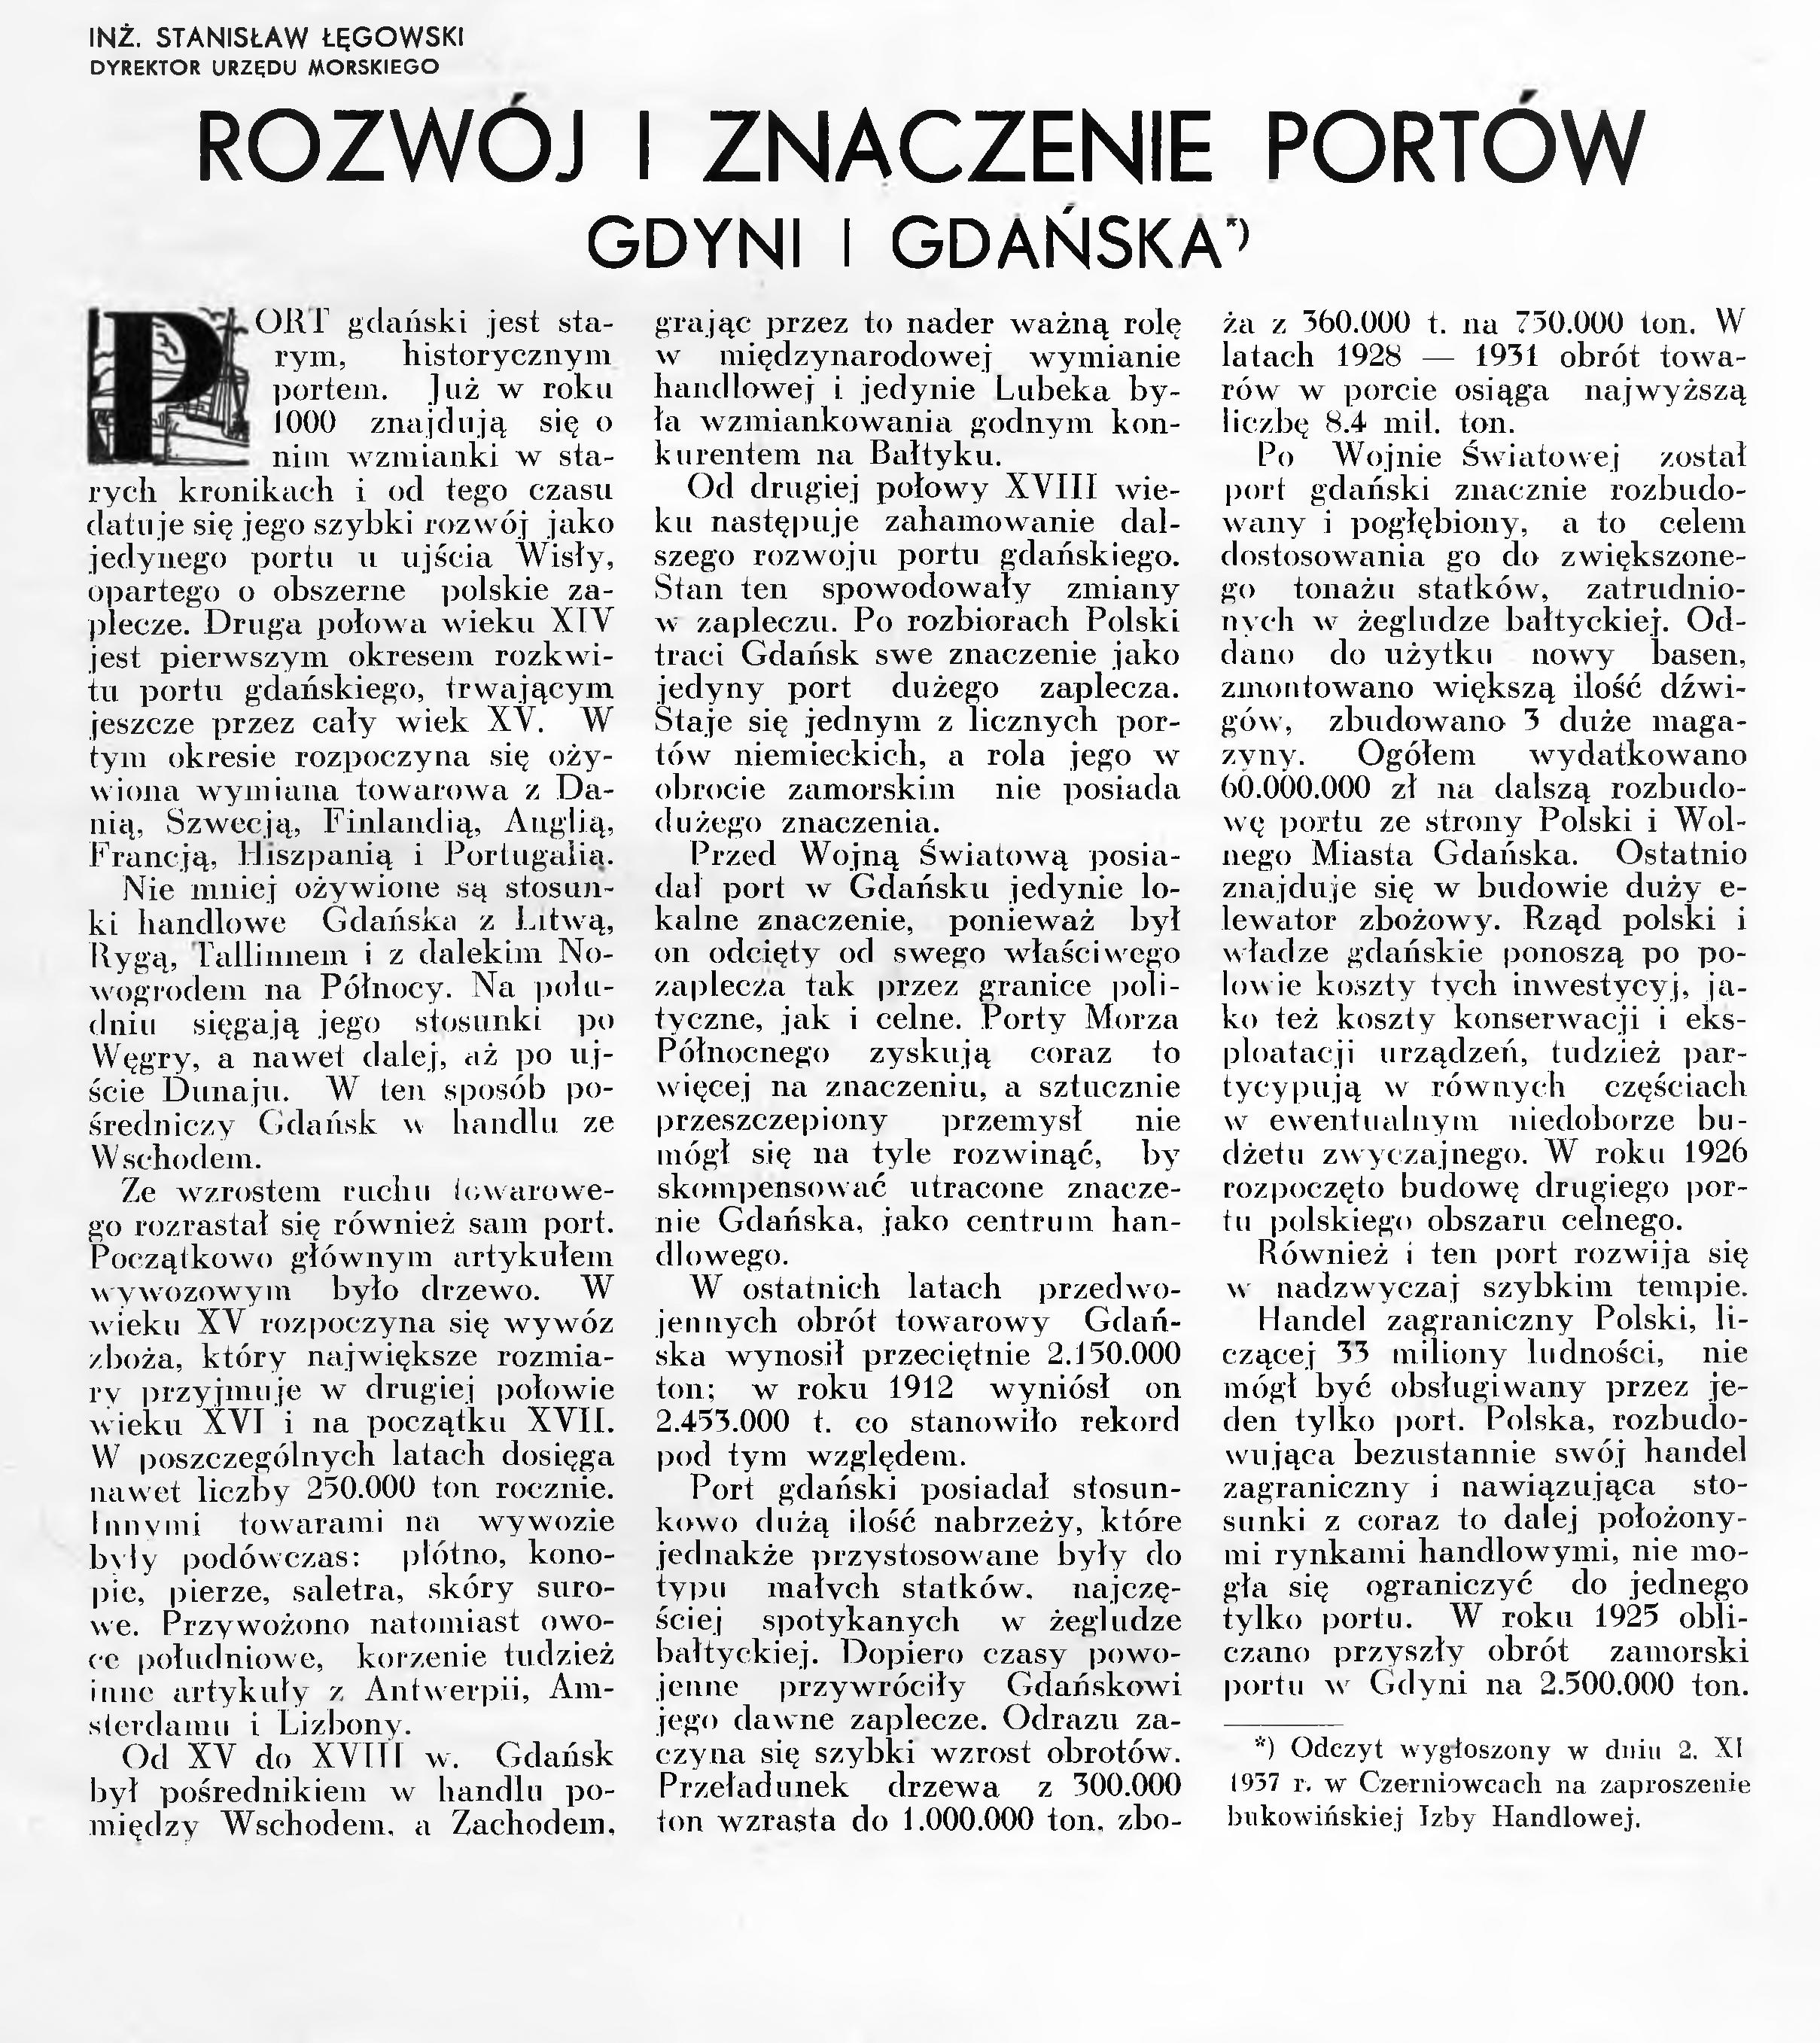 Rozwój i znaczenie portów Gdyni i Gdańska / Stanisław Łęgowski // Wiadomości Portu Gdyńskiego. - 1937, nr 12, s. 15. - Il.